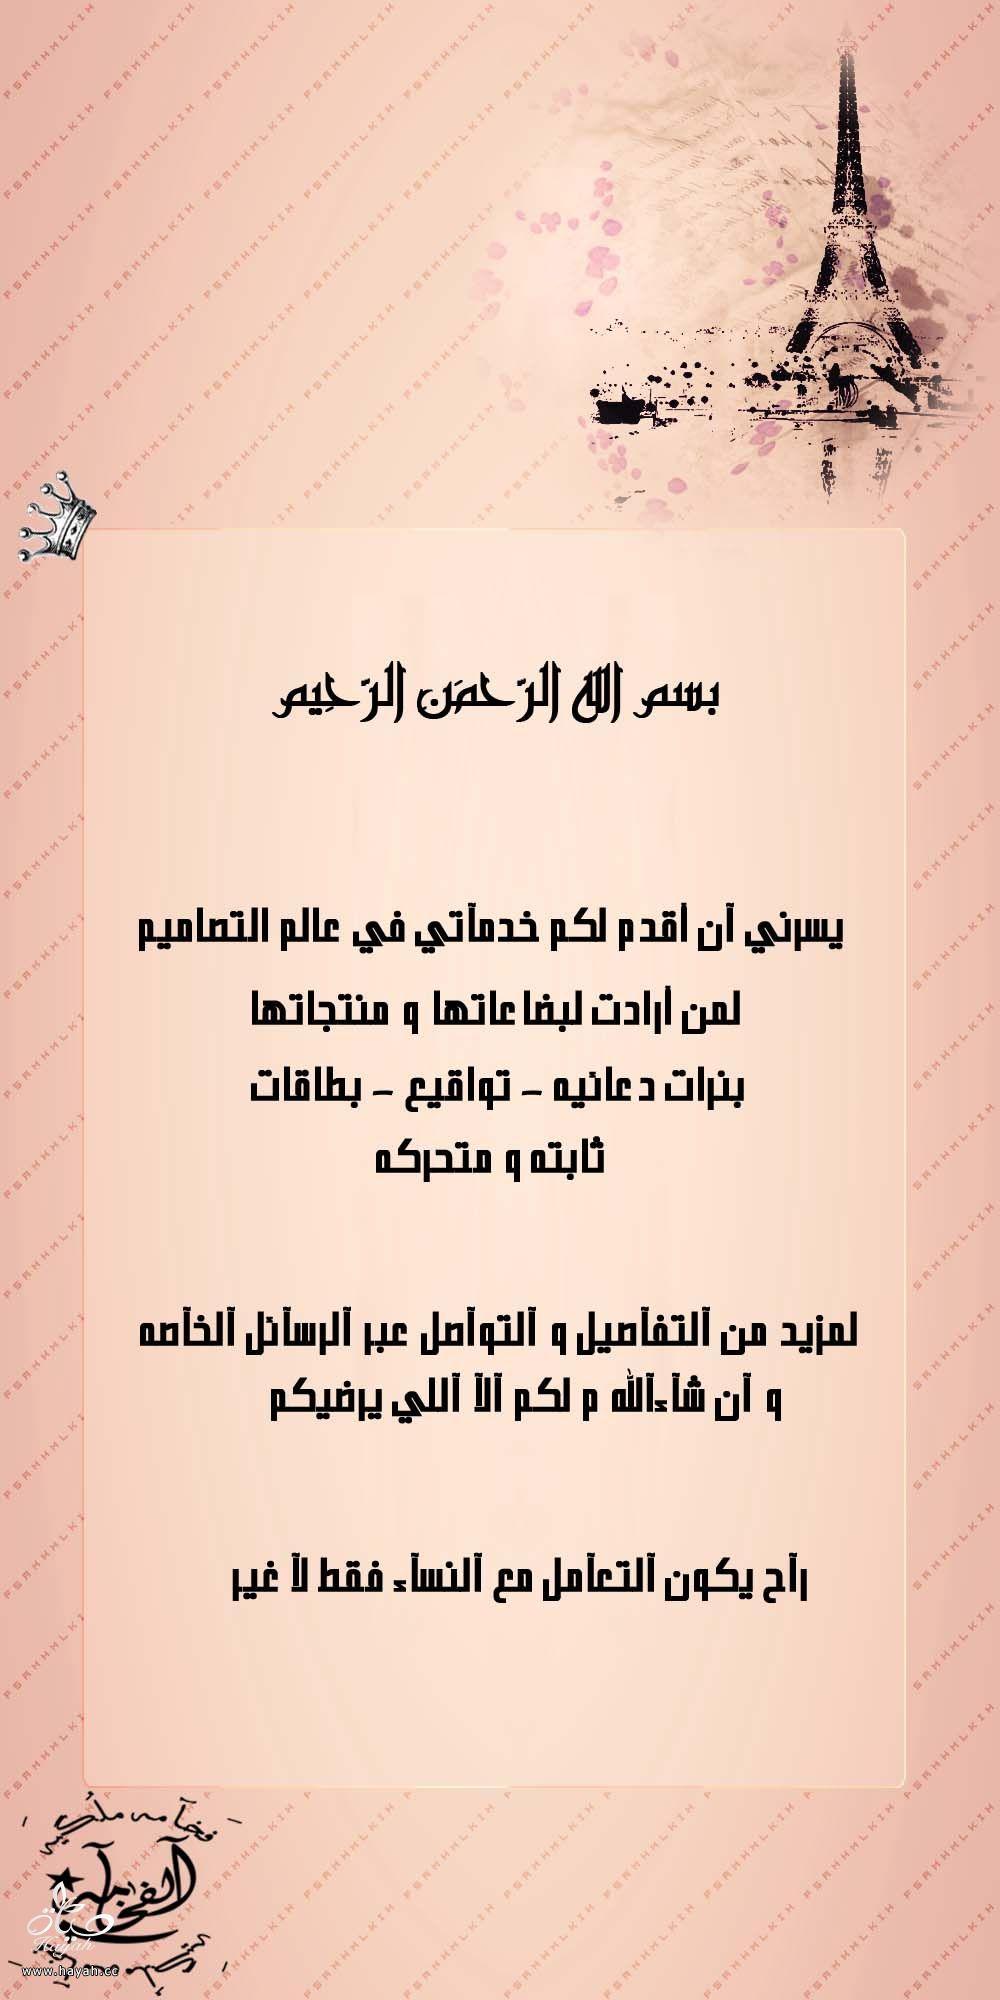 آلُفَخـآمہ - فَخـآمہ ملُگيَہ / تصآميم فوتشوبيه منوعه hayahcc_1398440521_639.jpg